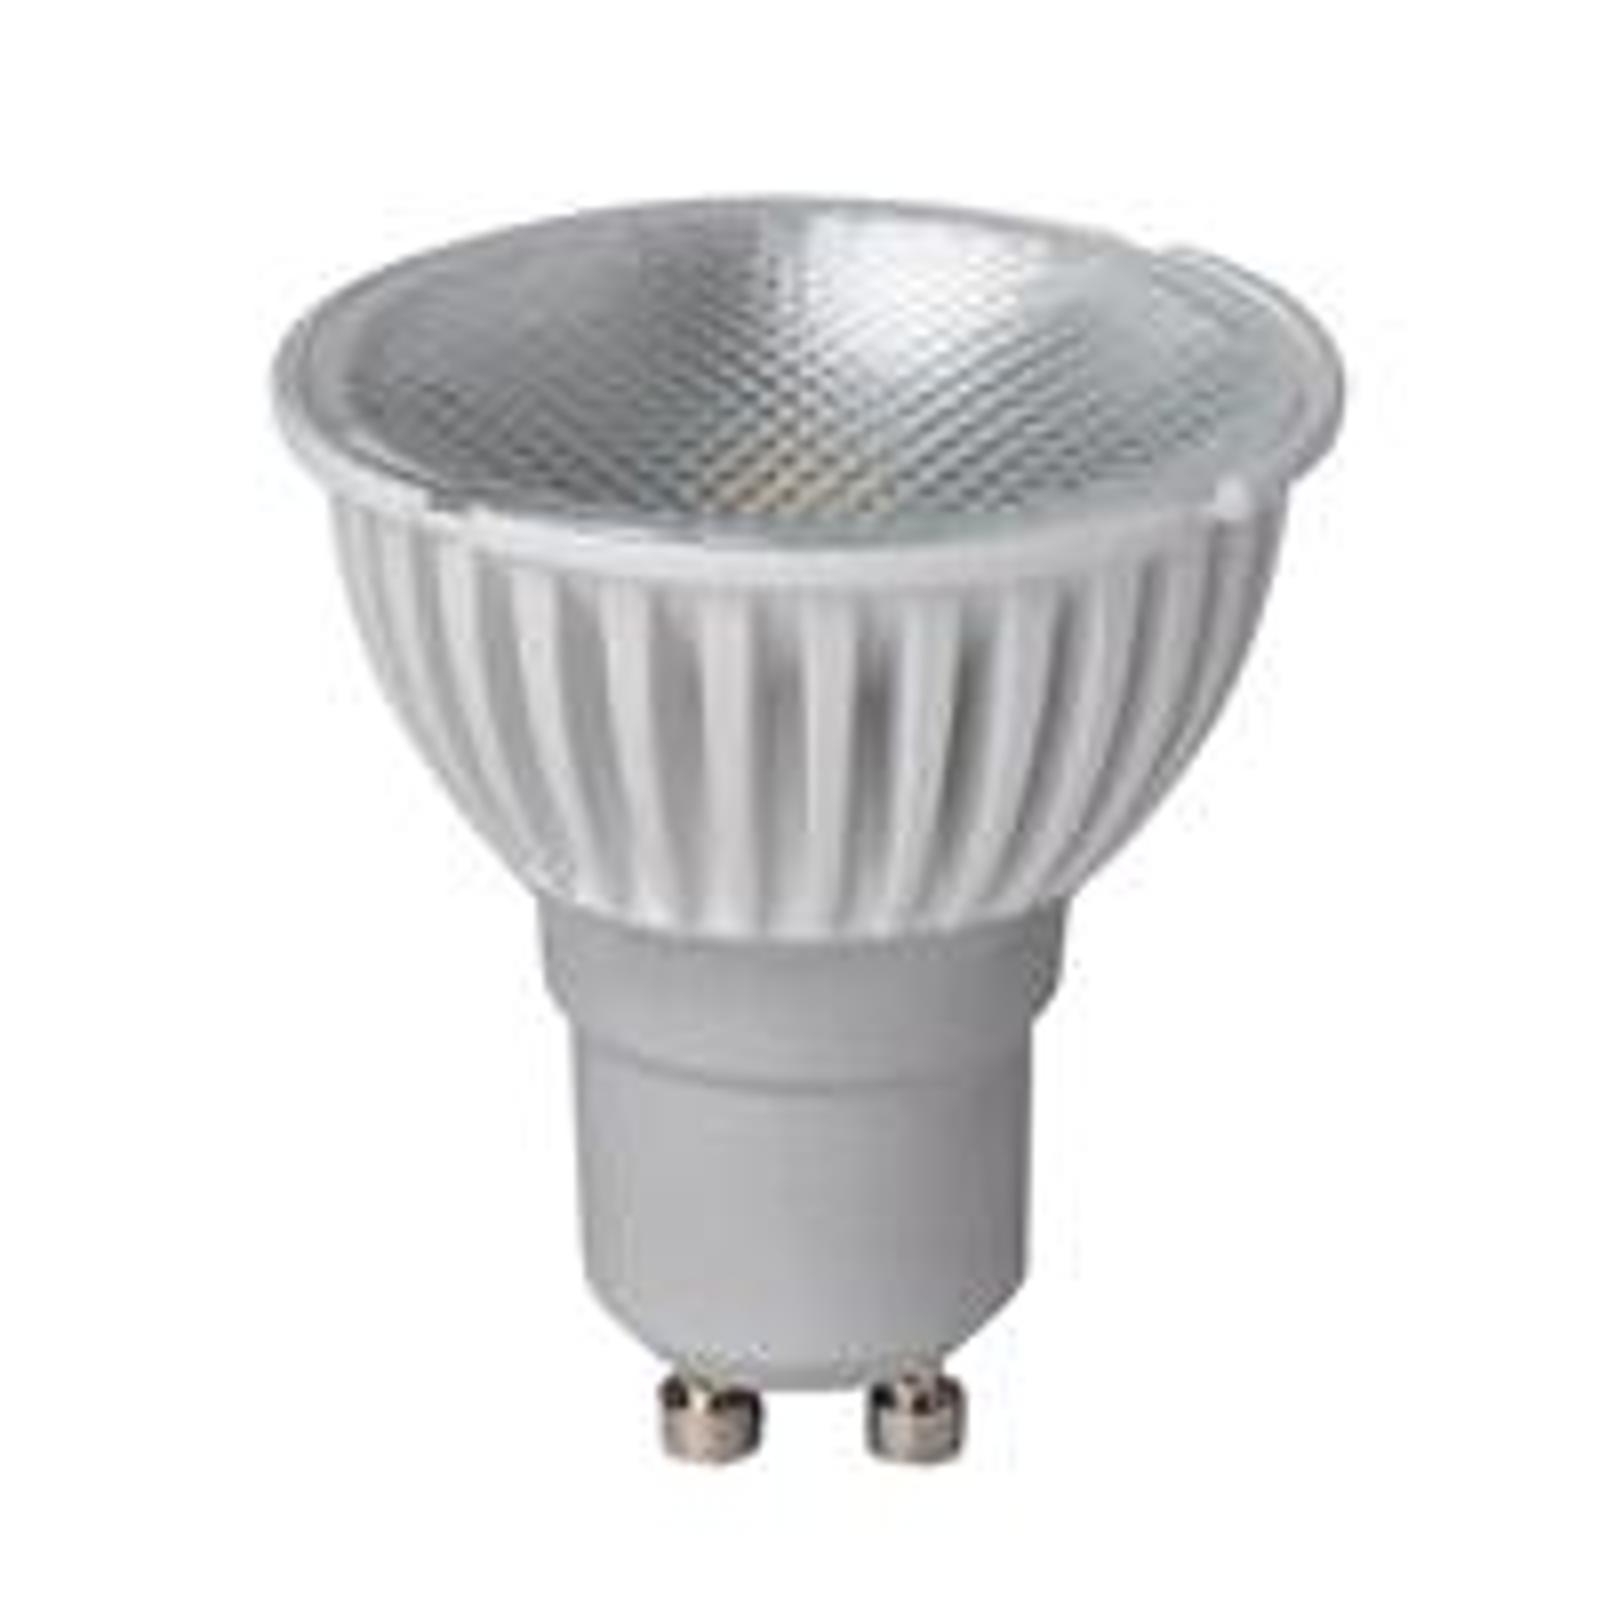 GU10 5,5W PAR16 828 LED-heijastinlamppu 35°